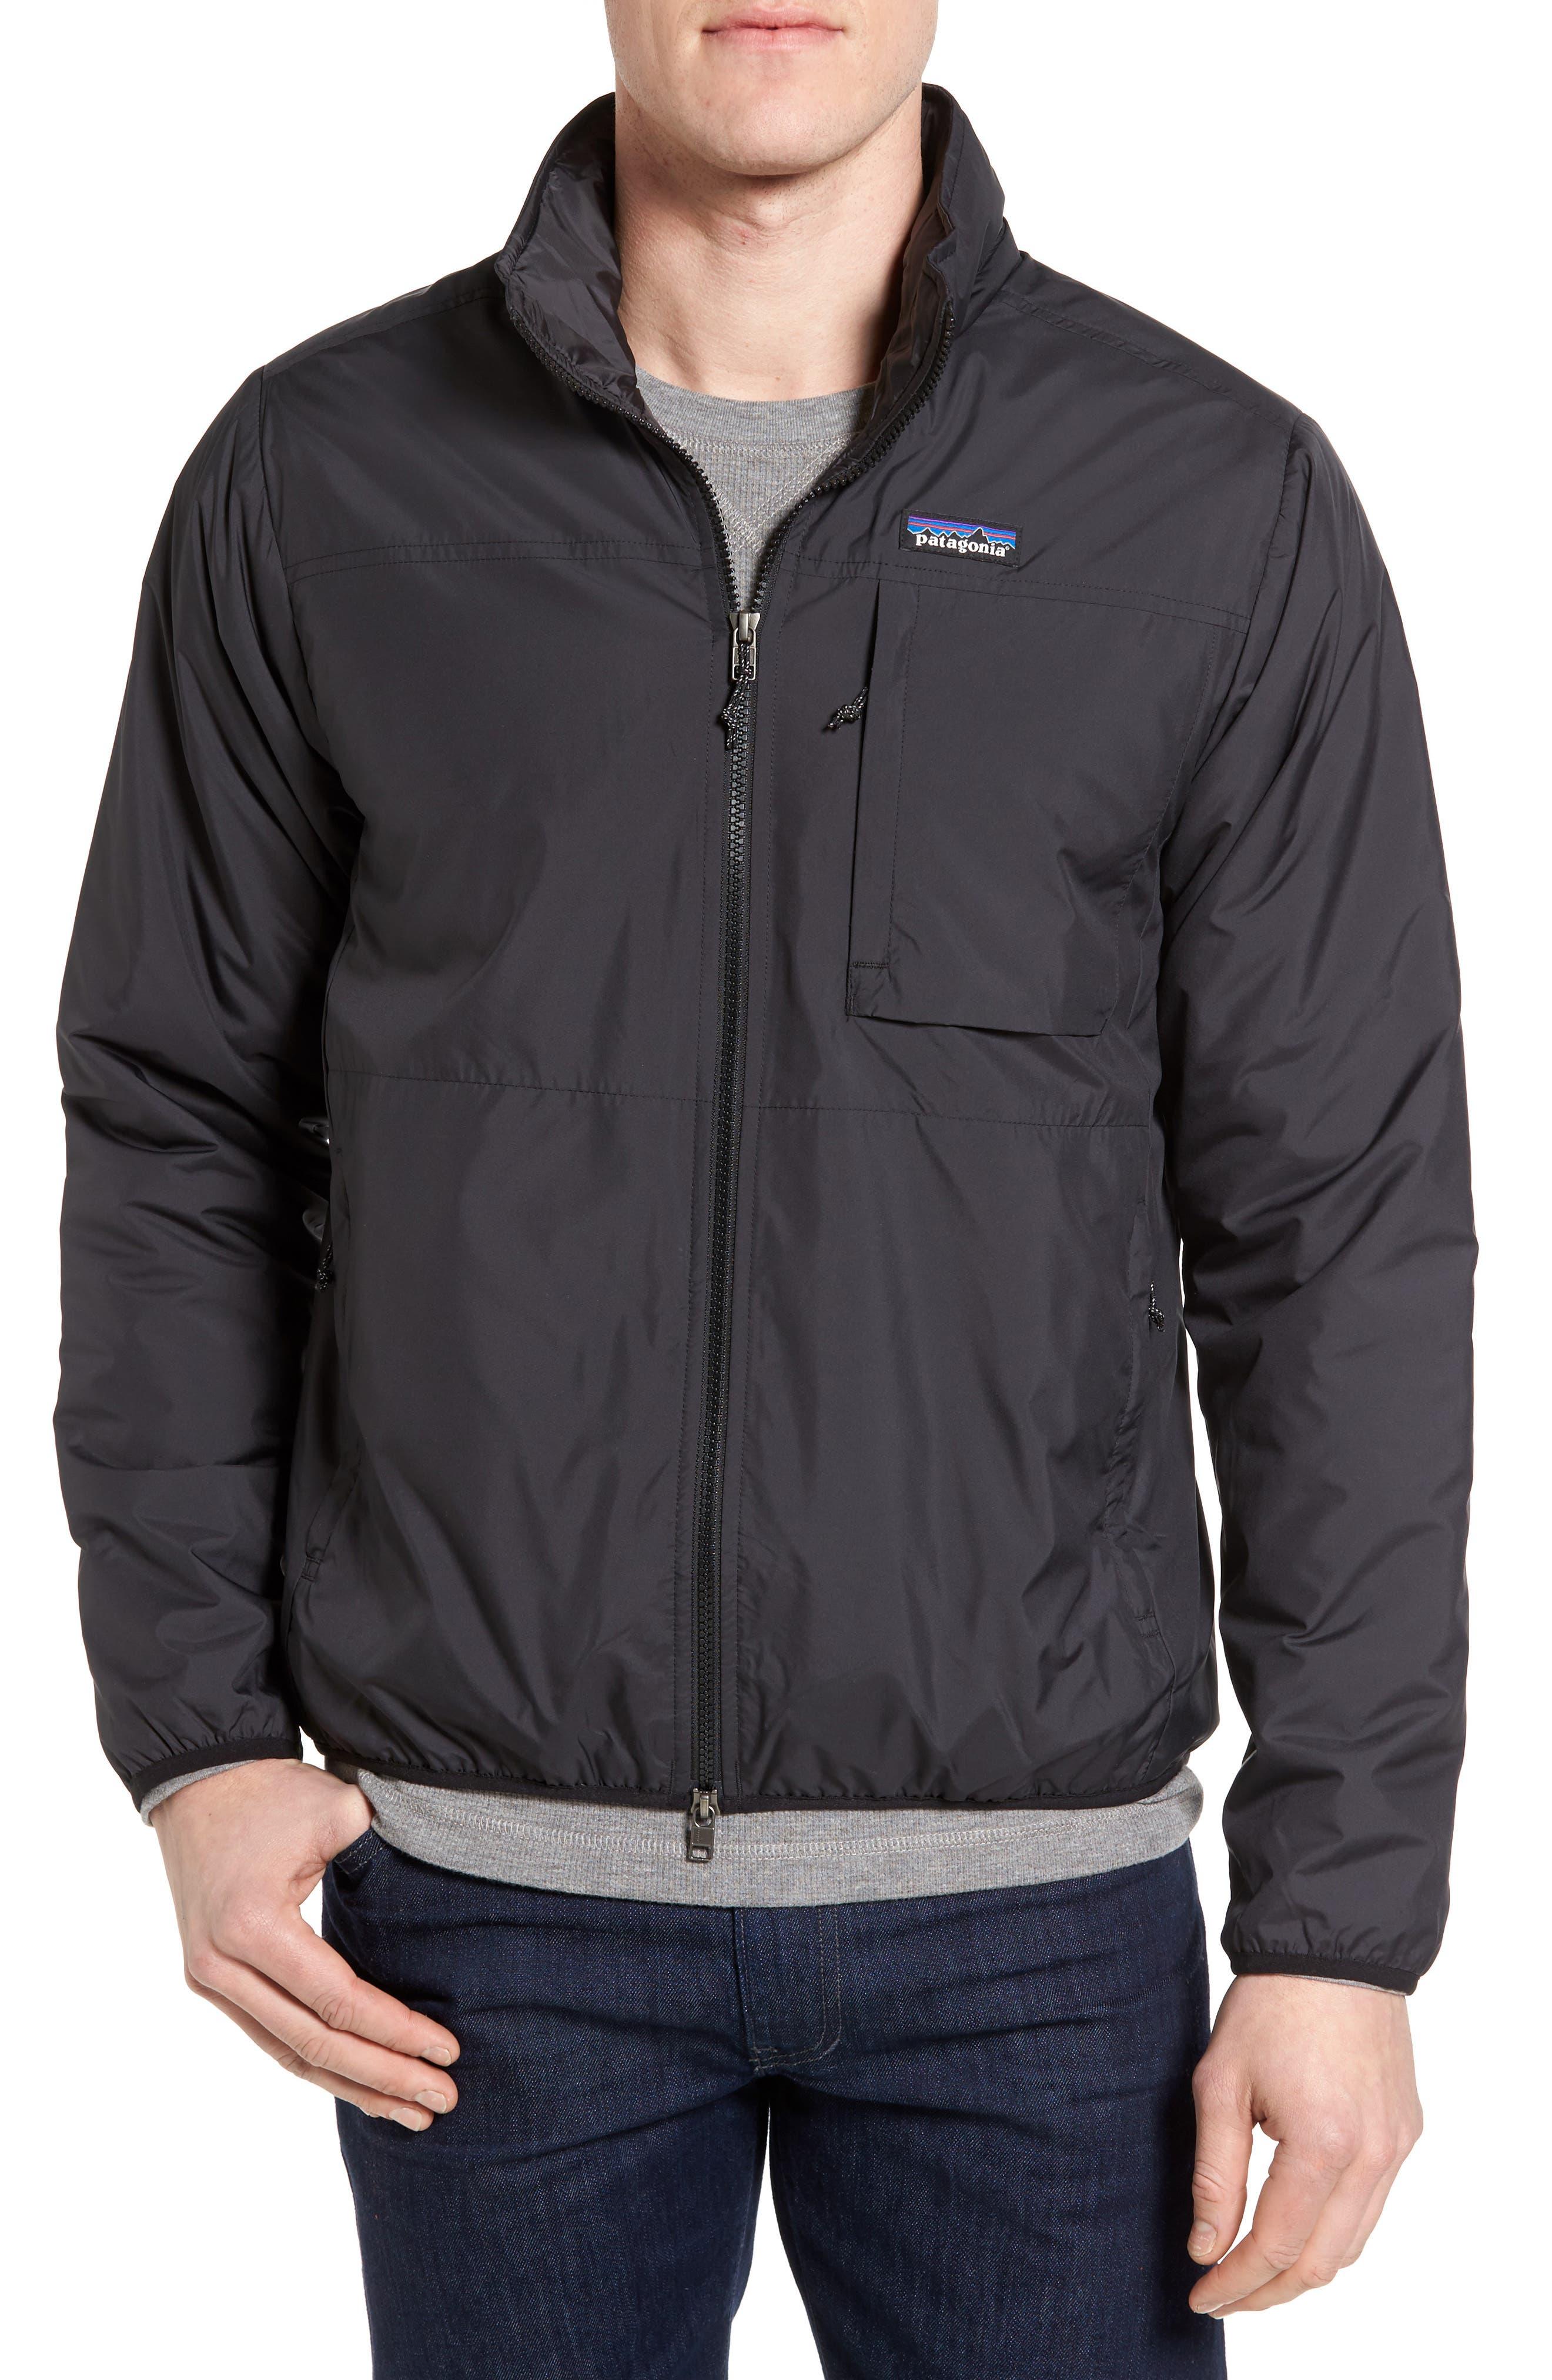 Patagonia Crankset Regular Fit Jacket